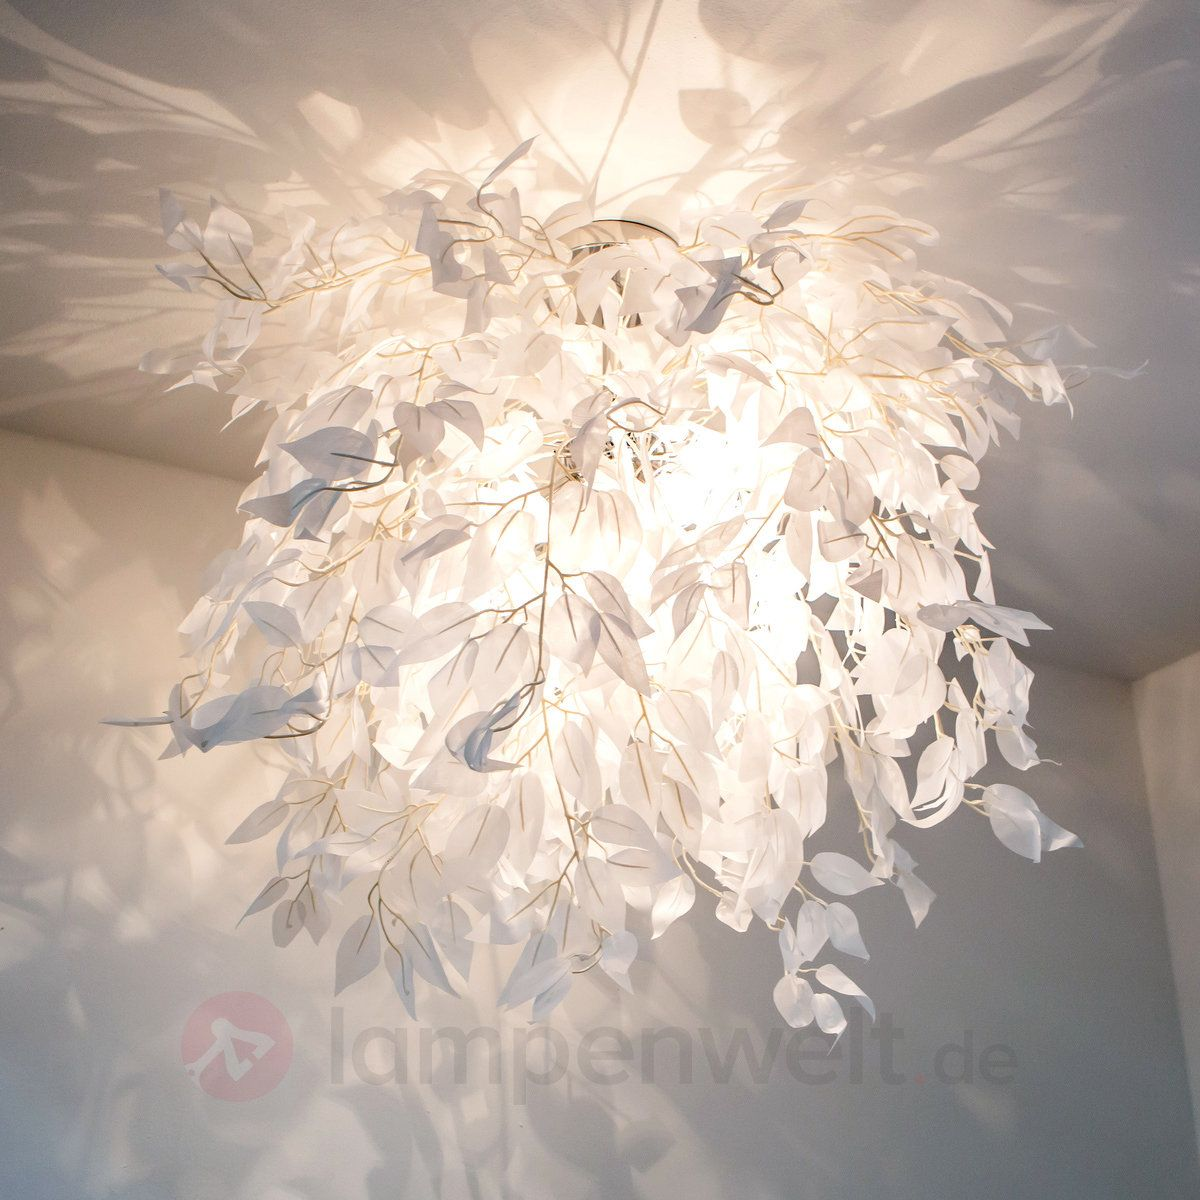 Dia elegante deckenleuchte kaufen lampen deckenlampe for Deckenlampe schlafzimmer